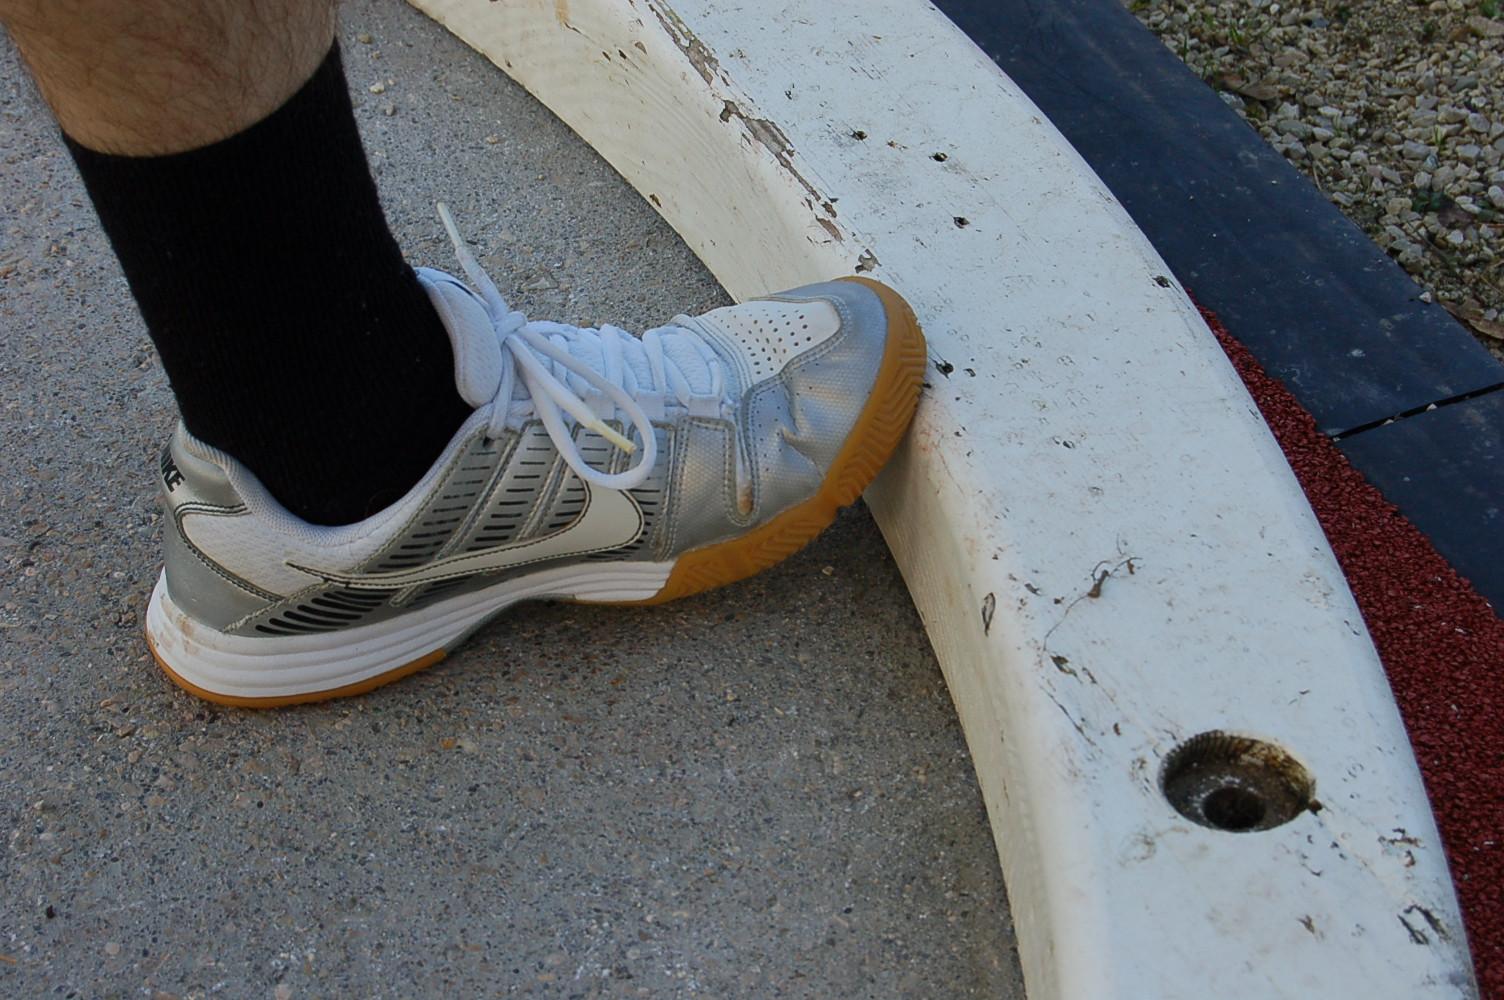 L'emplacement du pied est-il correct ?